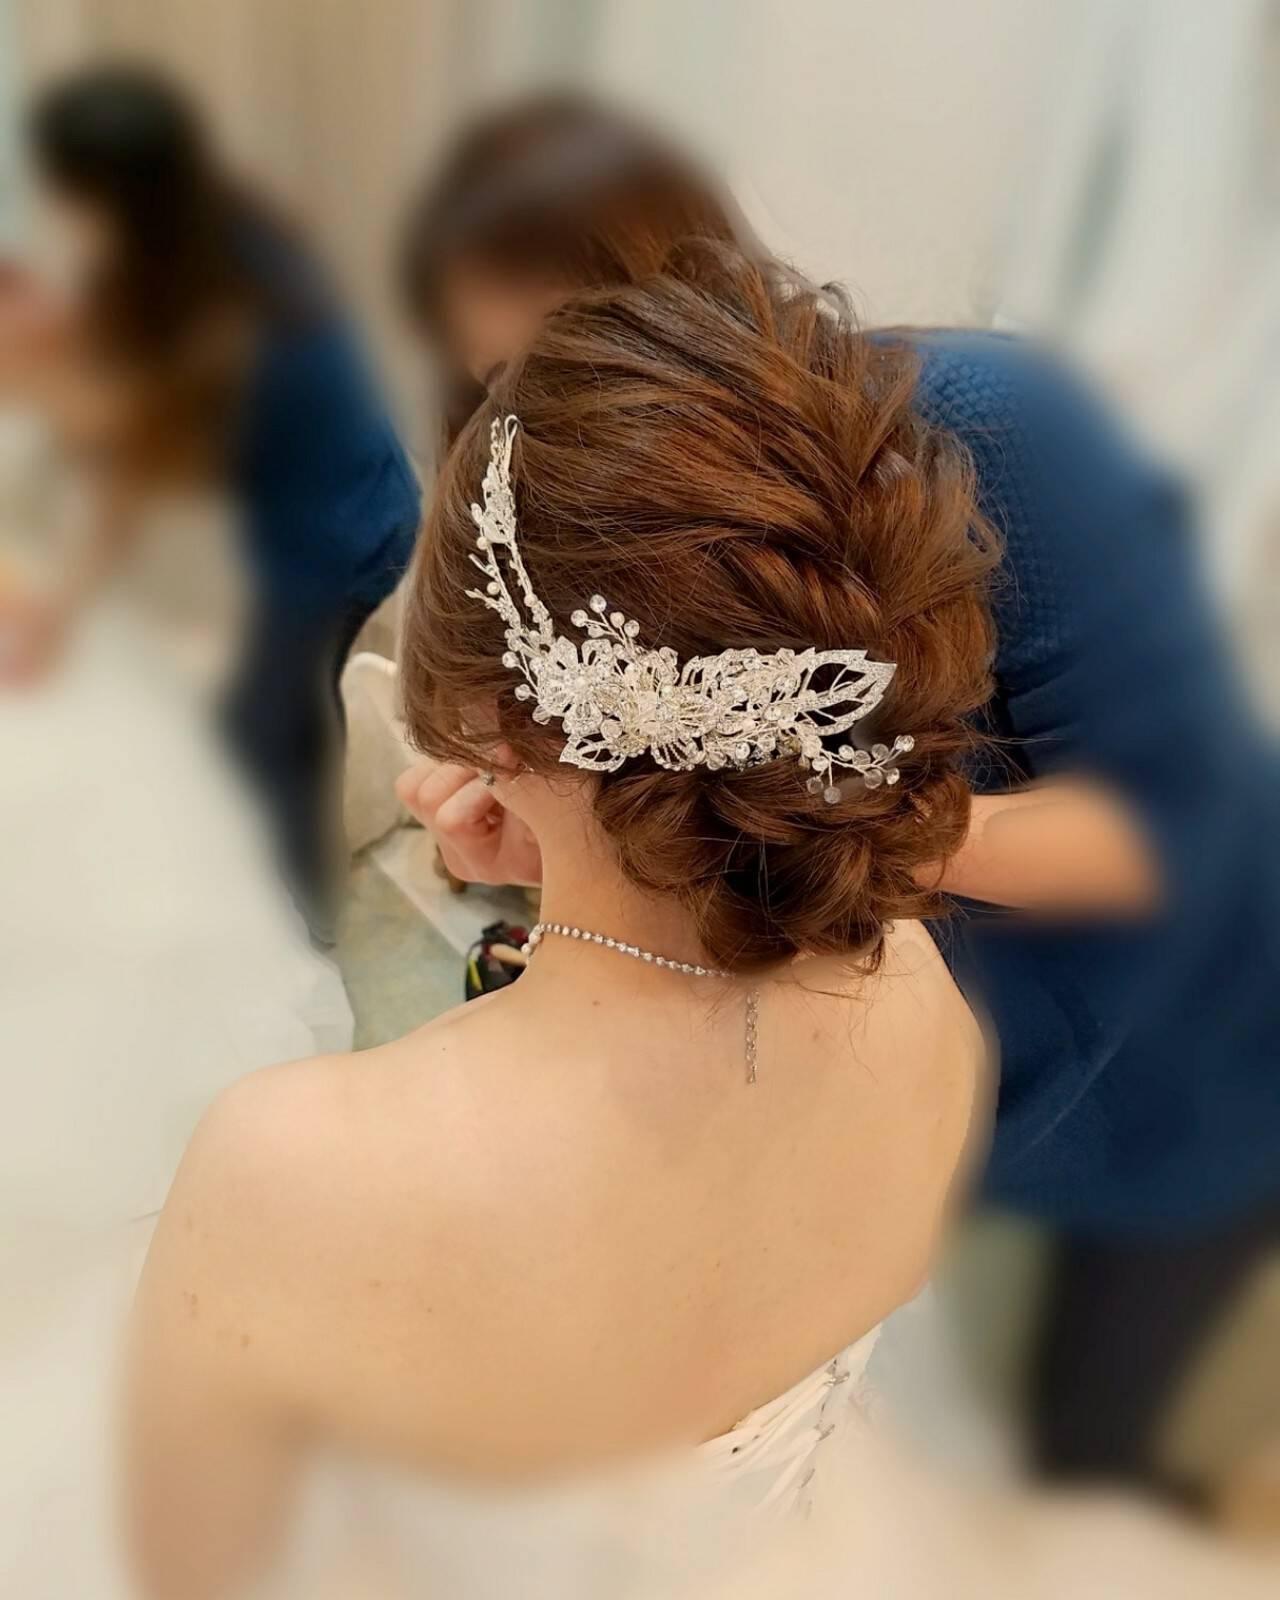 フェミニン ヘアアレンジ ブライダル セミロングヘアスタイルや髪型の写真・画像